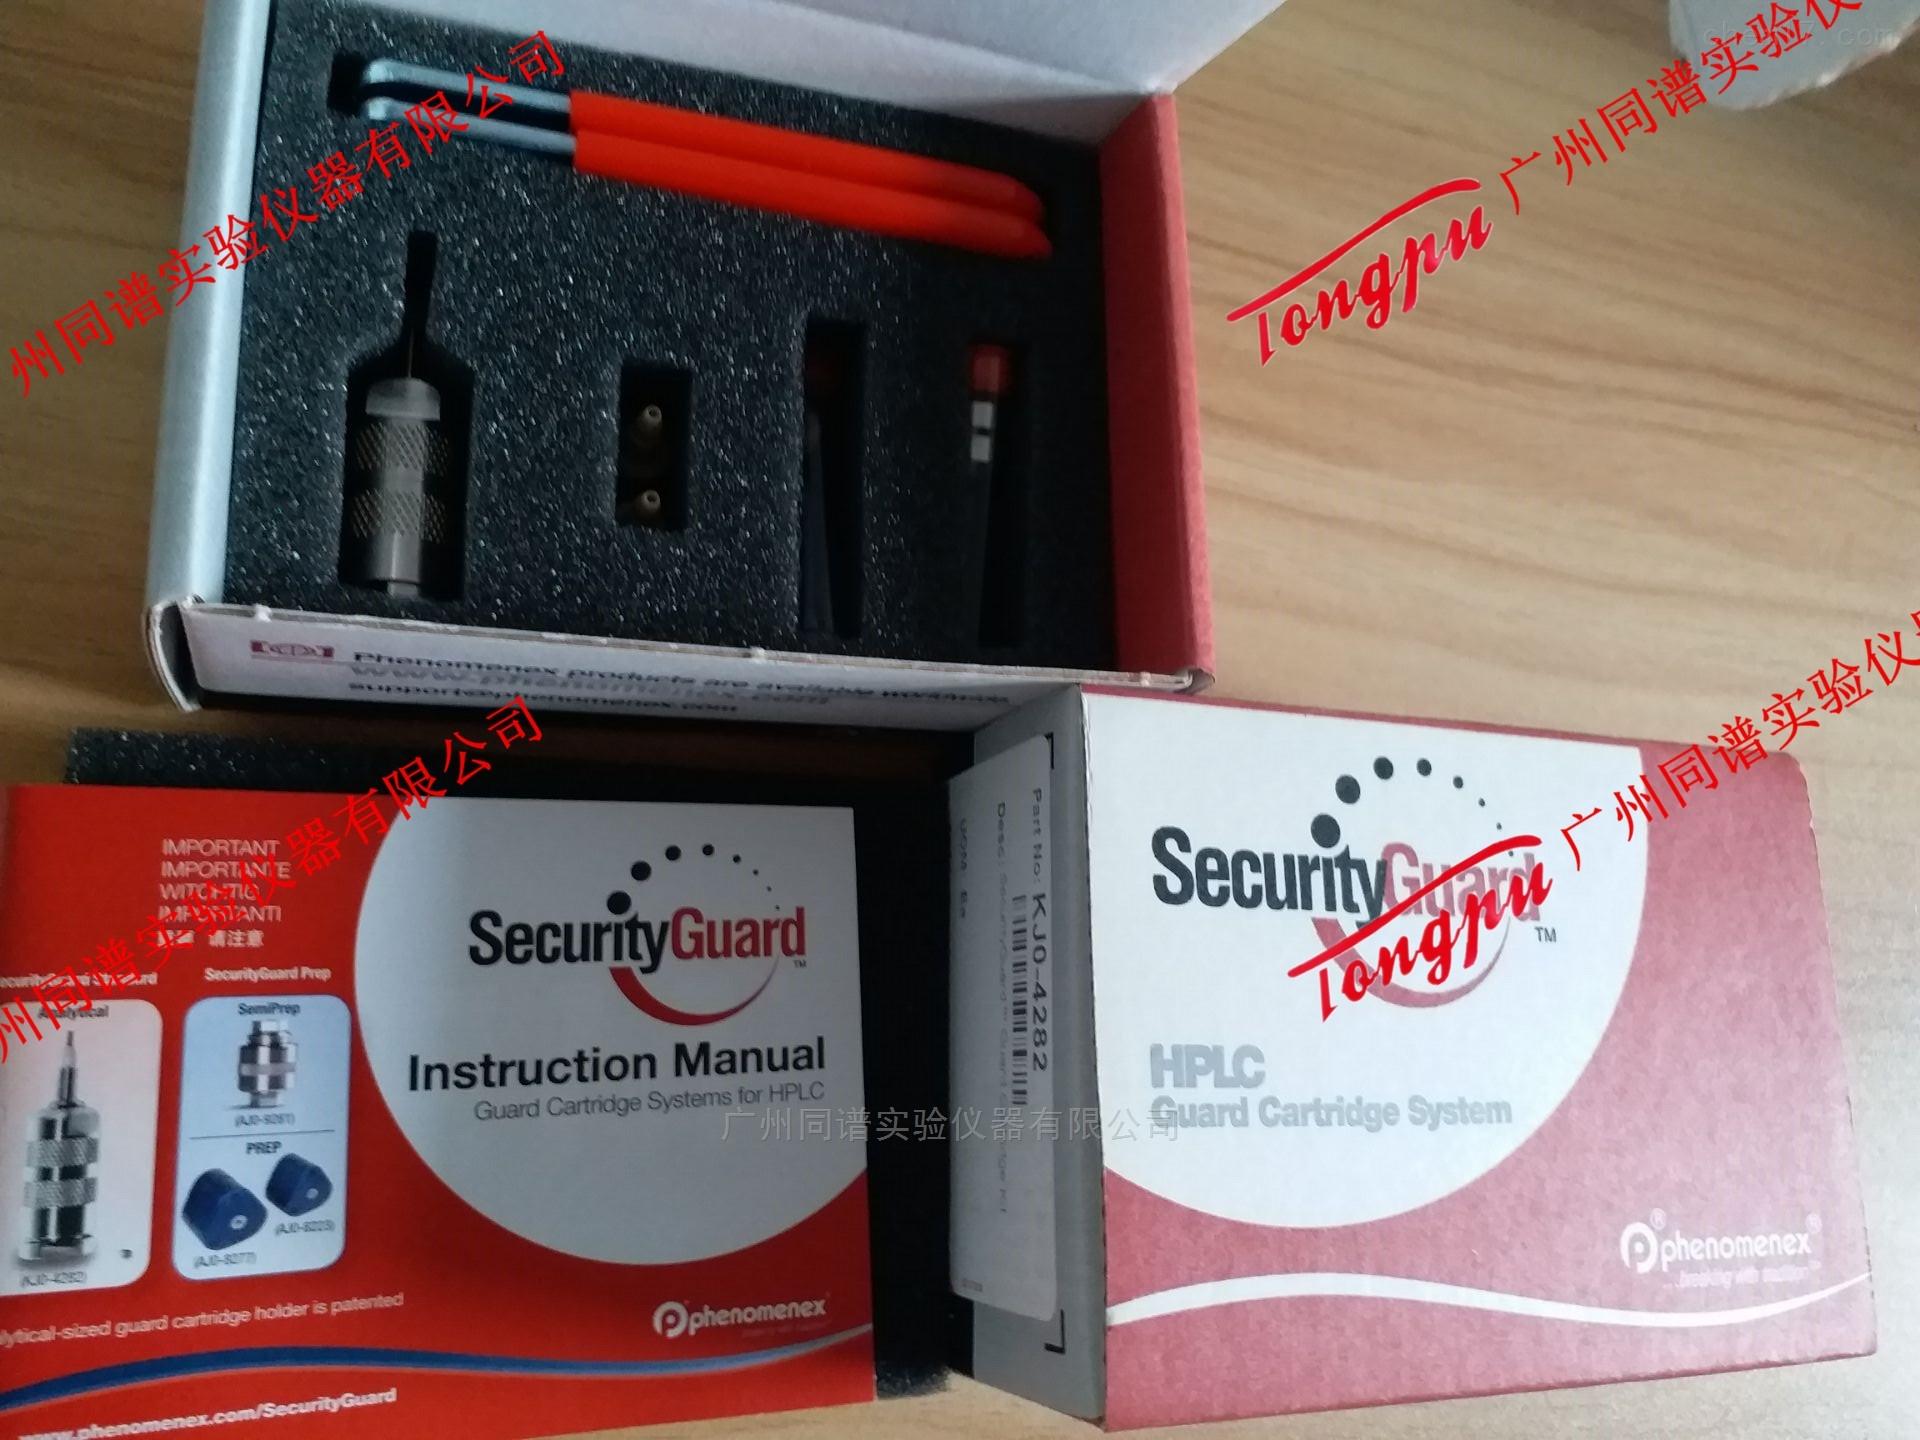 Phenomenex SecurityGuard保护柱套KJ0-4282